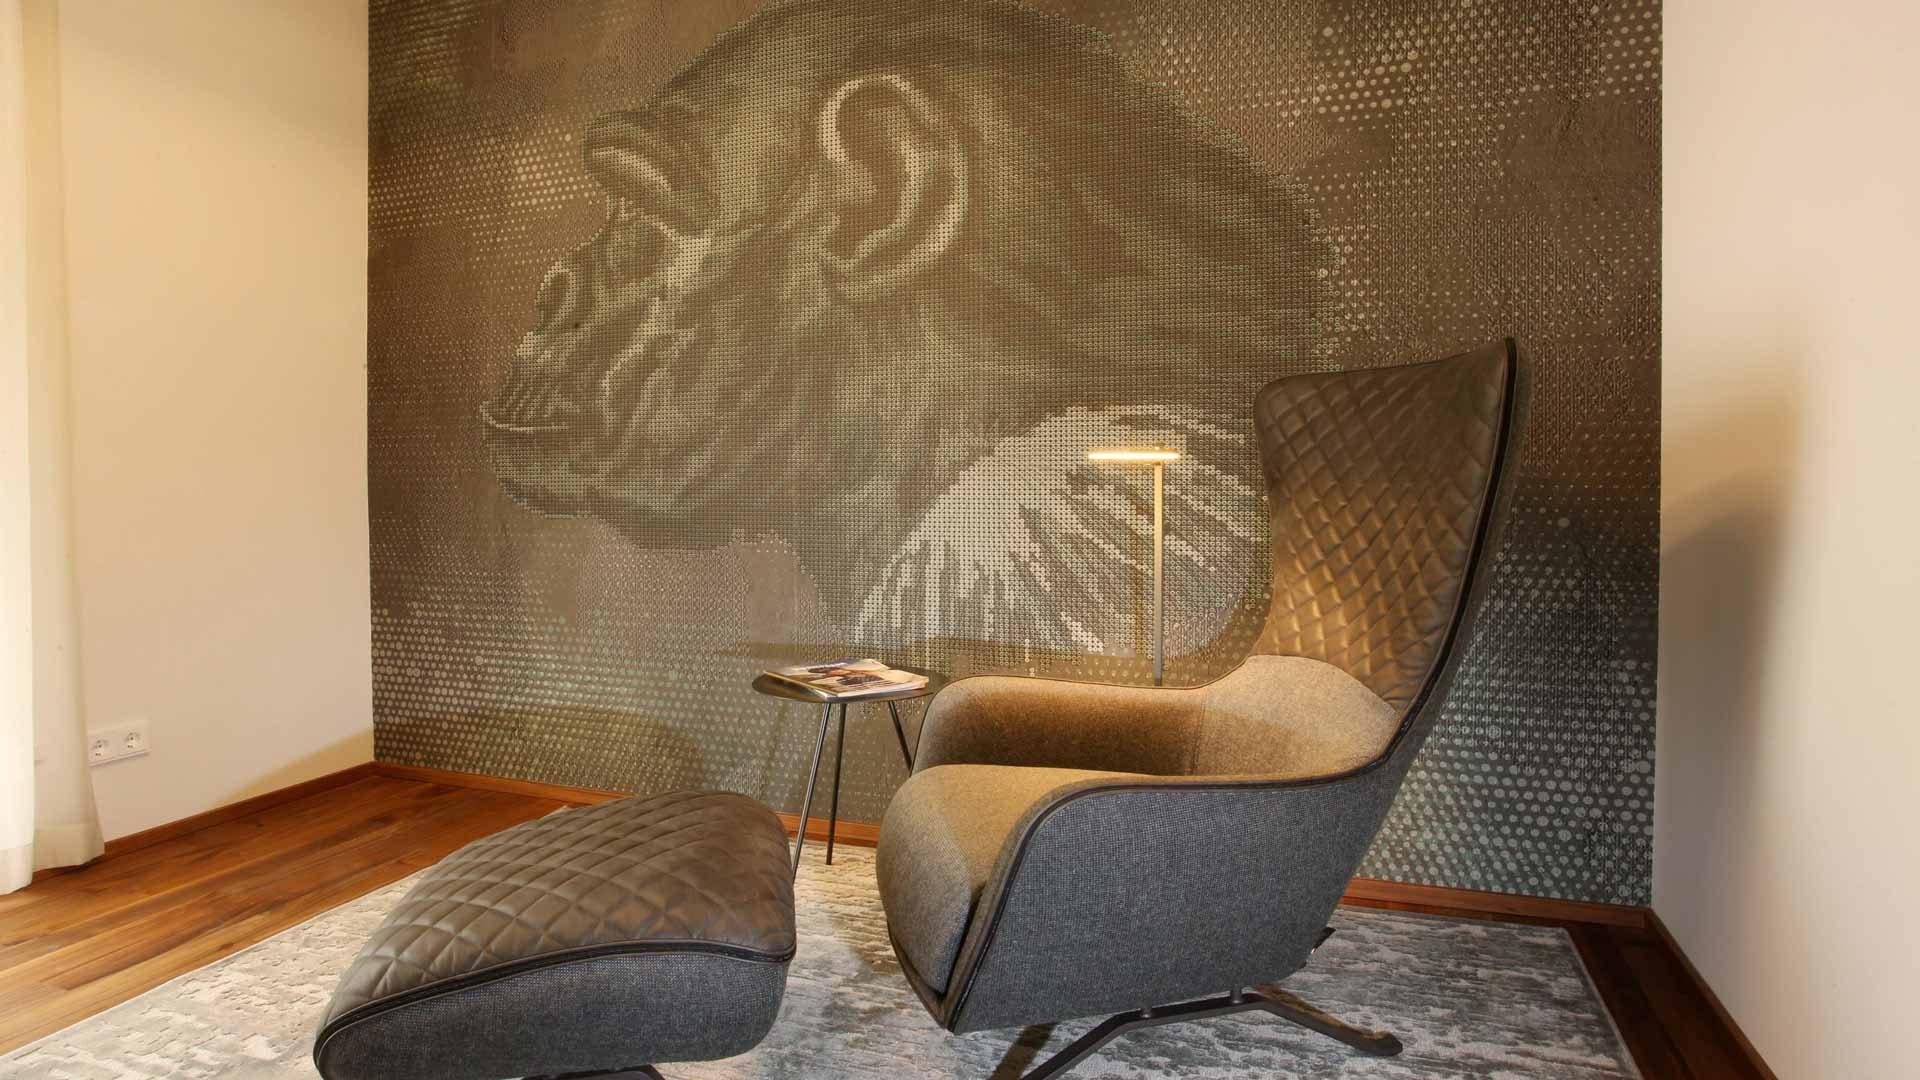 Sofa Arketipo | Beleuchtung Artemide | Fenstergestaltung Zimmer&Rohde | Beistelltische MORE | Teppich Mischioff